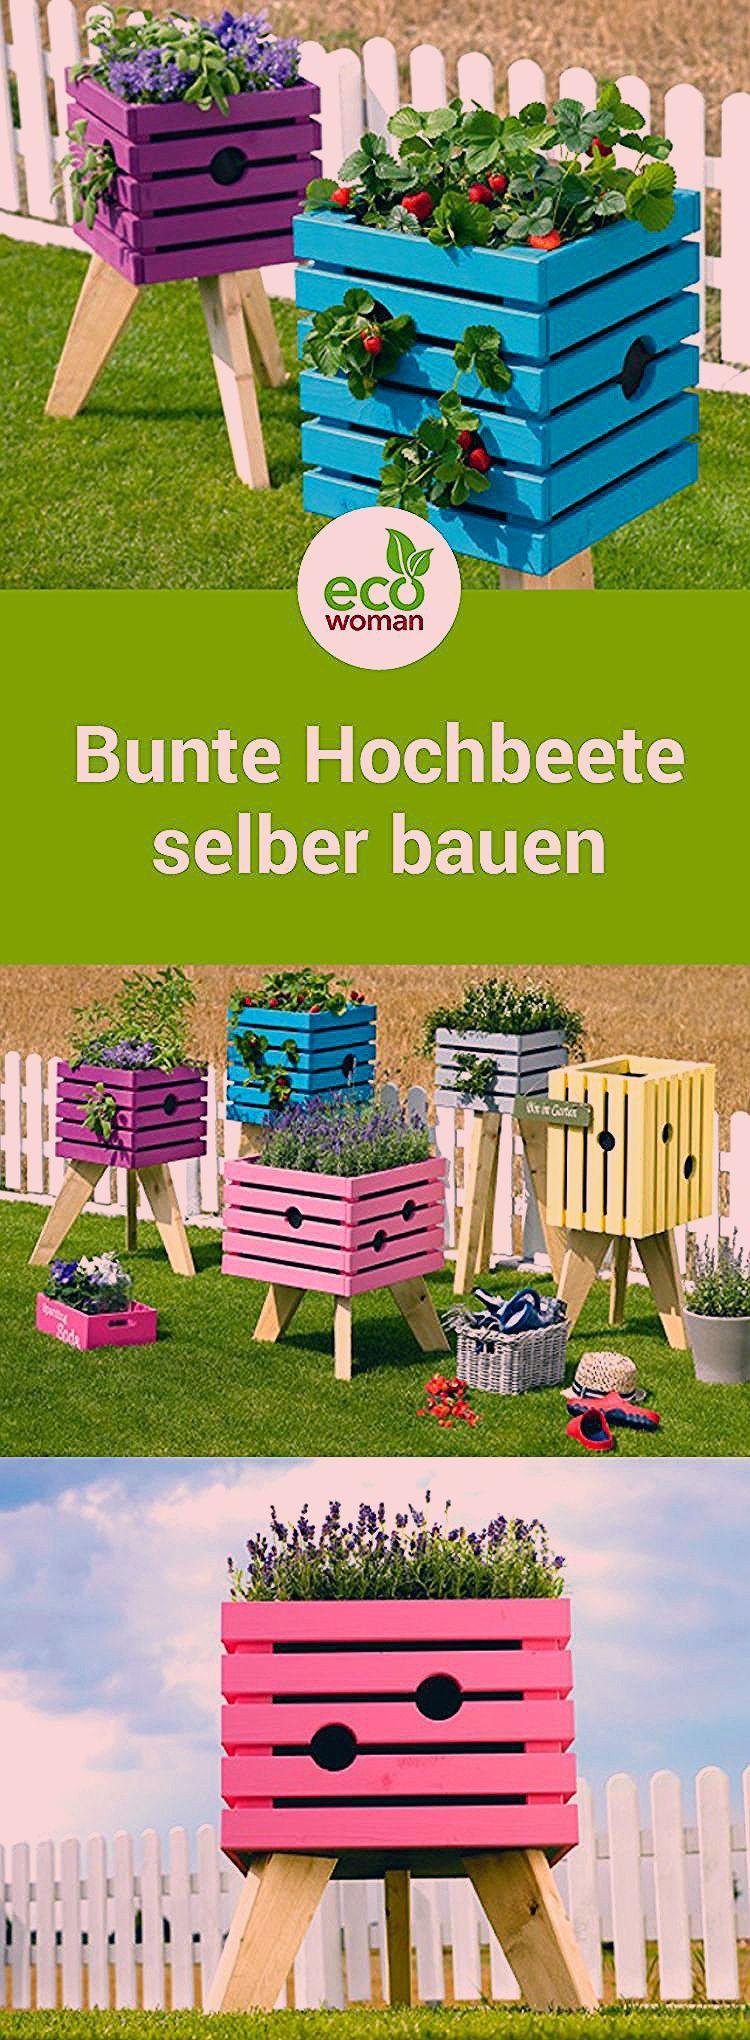 Photo of Bunte Pflanzenkisten für den Garten oder Balkon